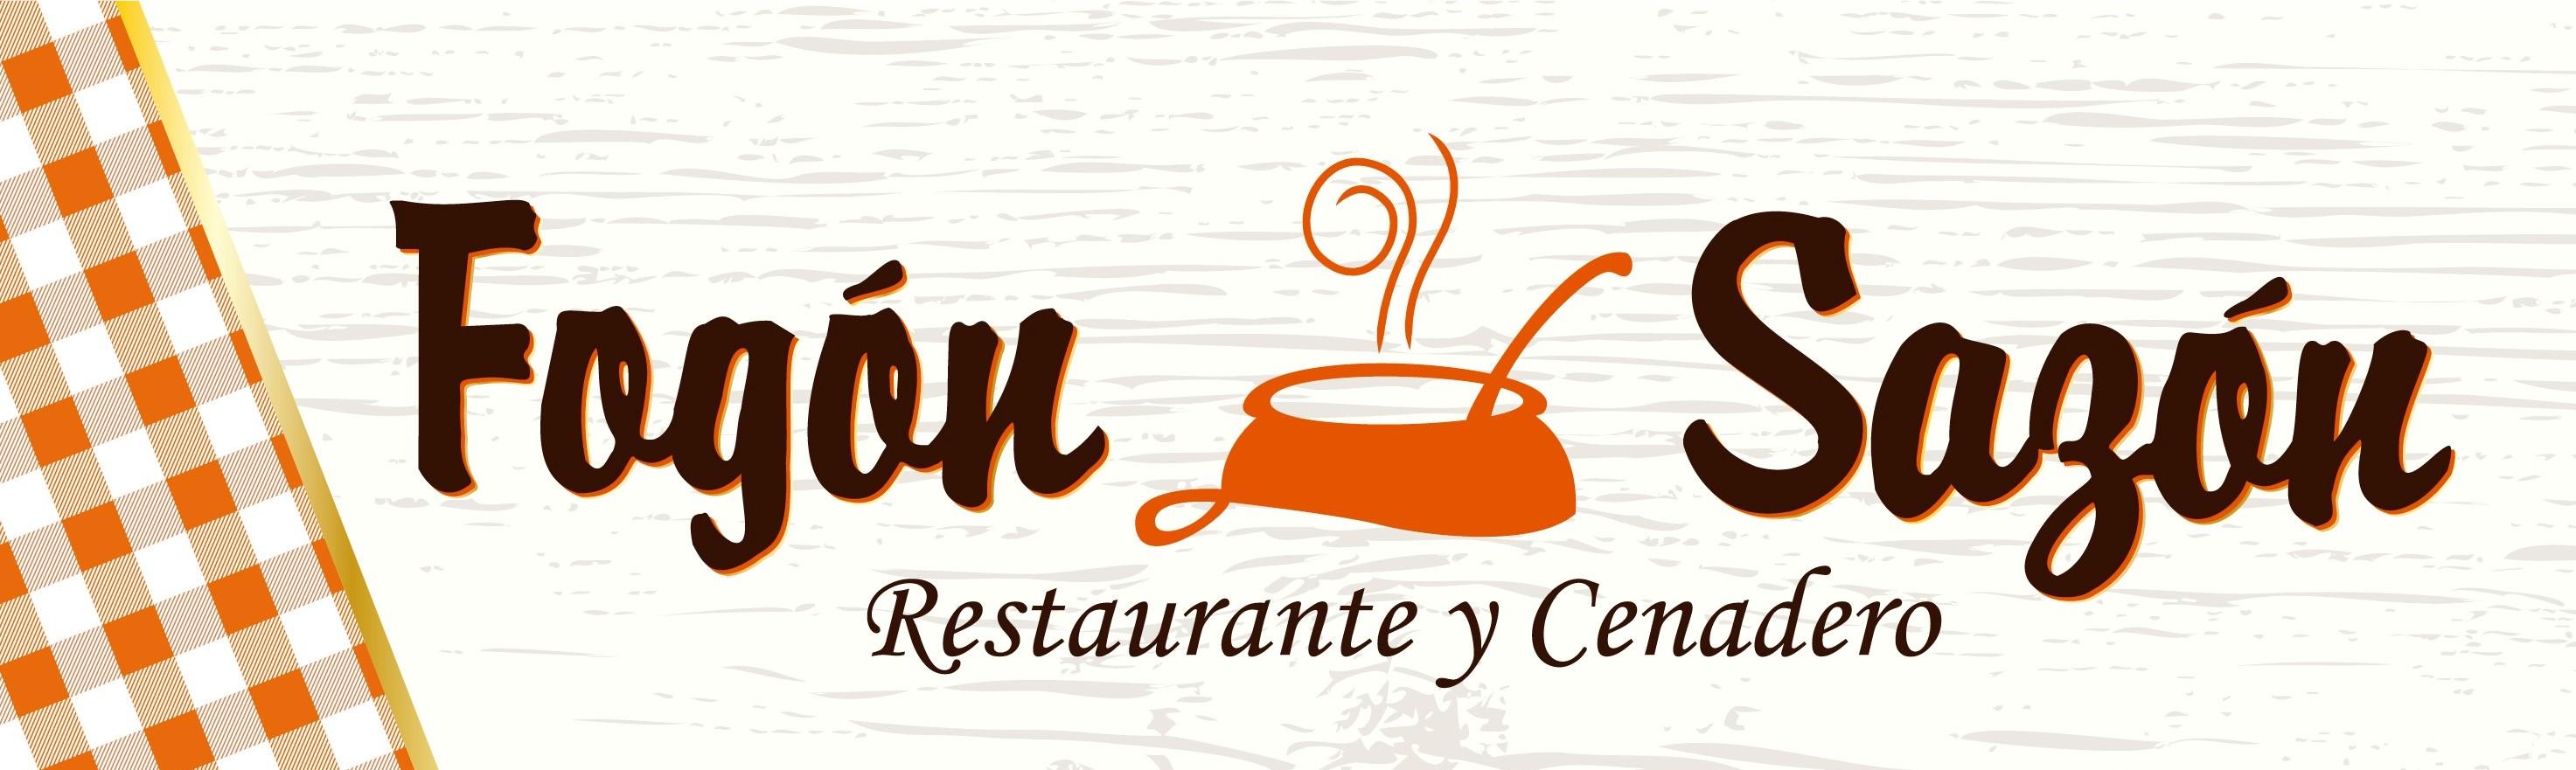 Restaurante Fogón Sazón